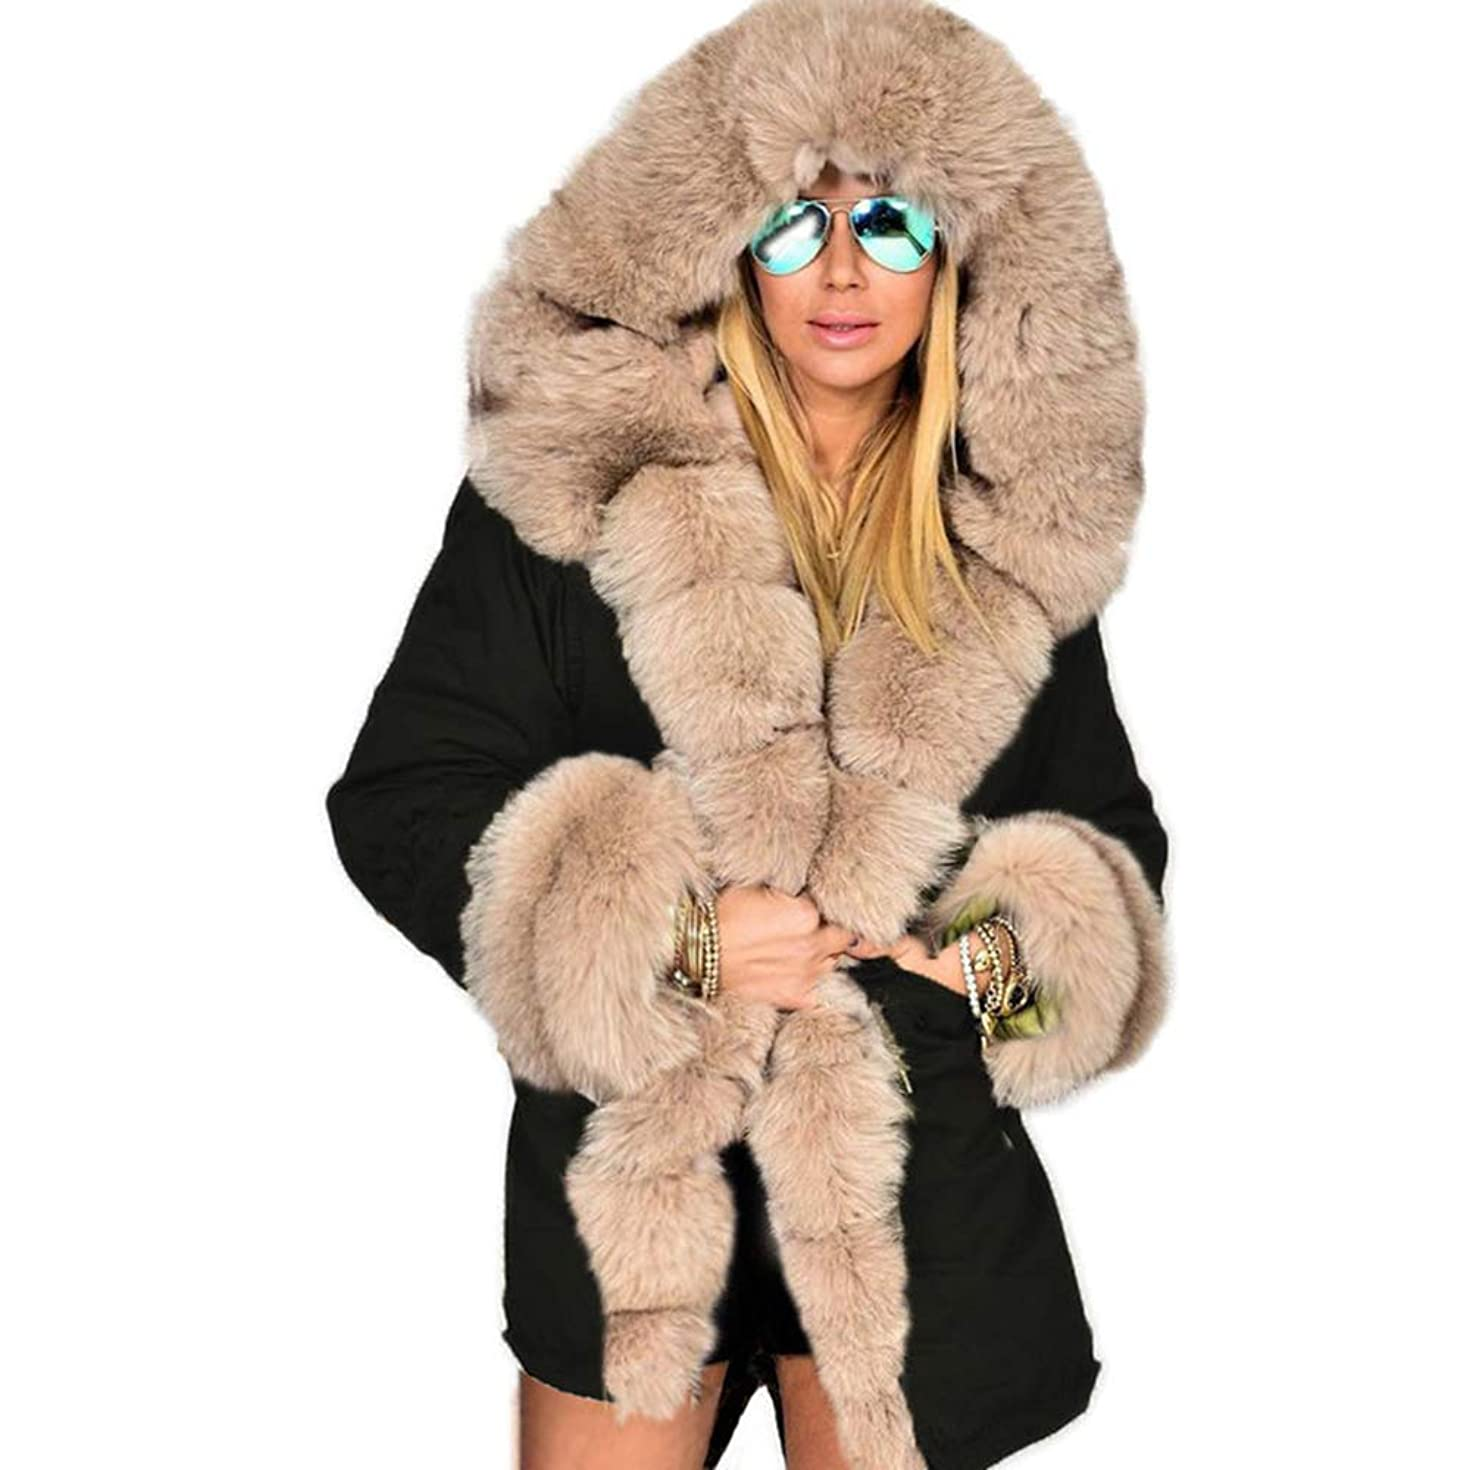 更新クリスチャン手のひら冬ジャケット女性ファッションフードコートフェイクファーカラーコットンフリースウォームコートパーカスパーカープラスサイズロングコート,XL